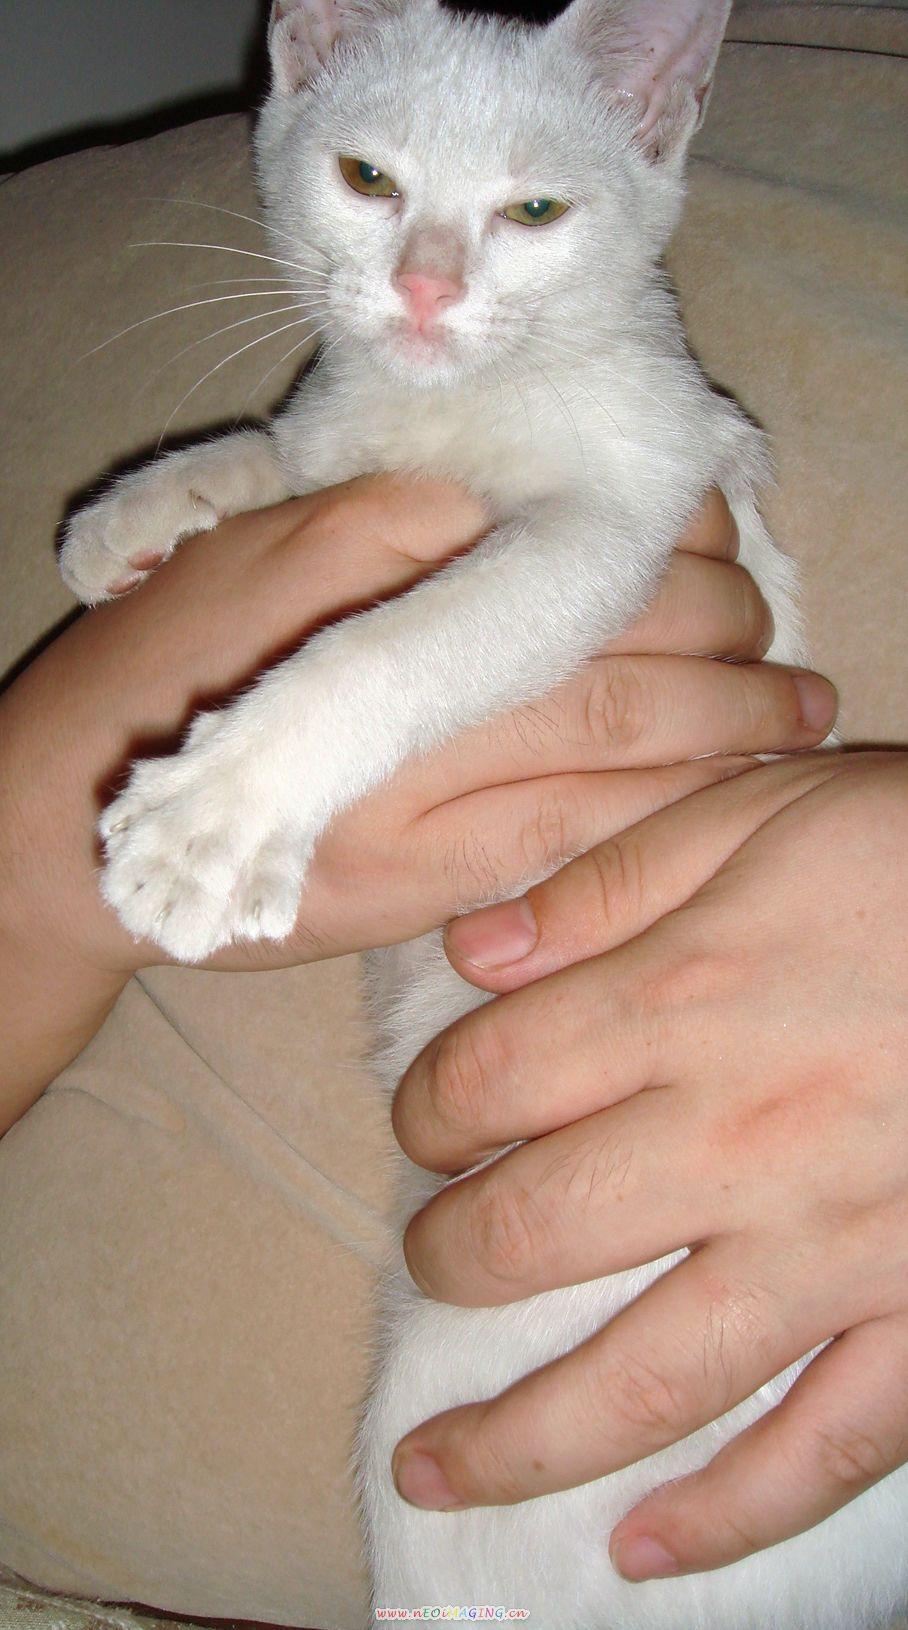 就是这只可爱的小白猫,我们叫她: 妞妞